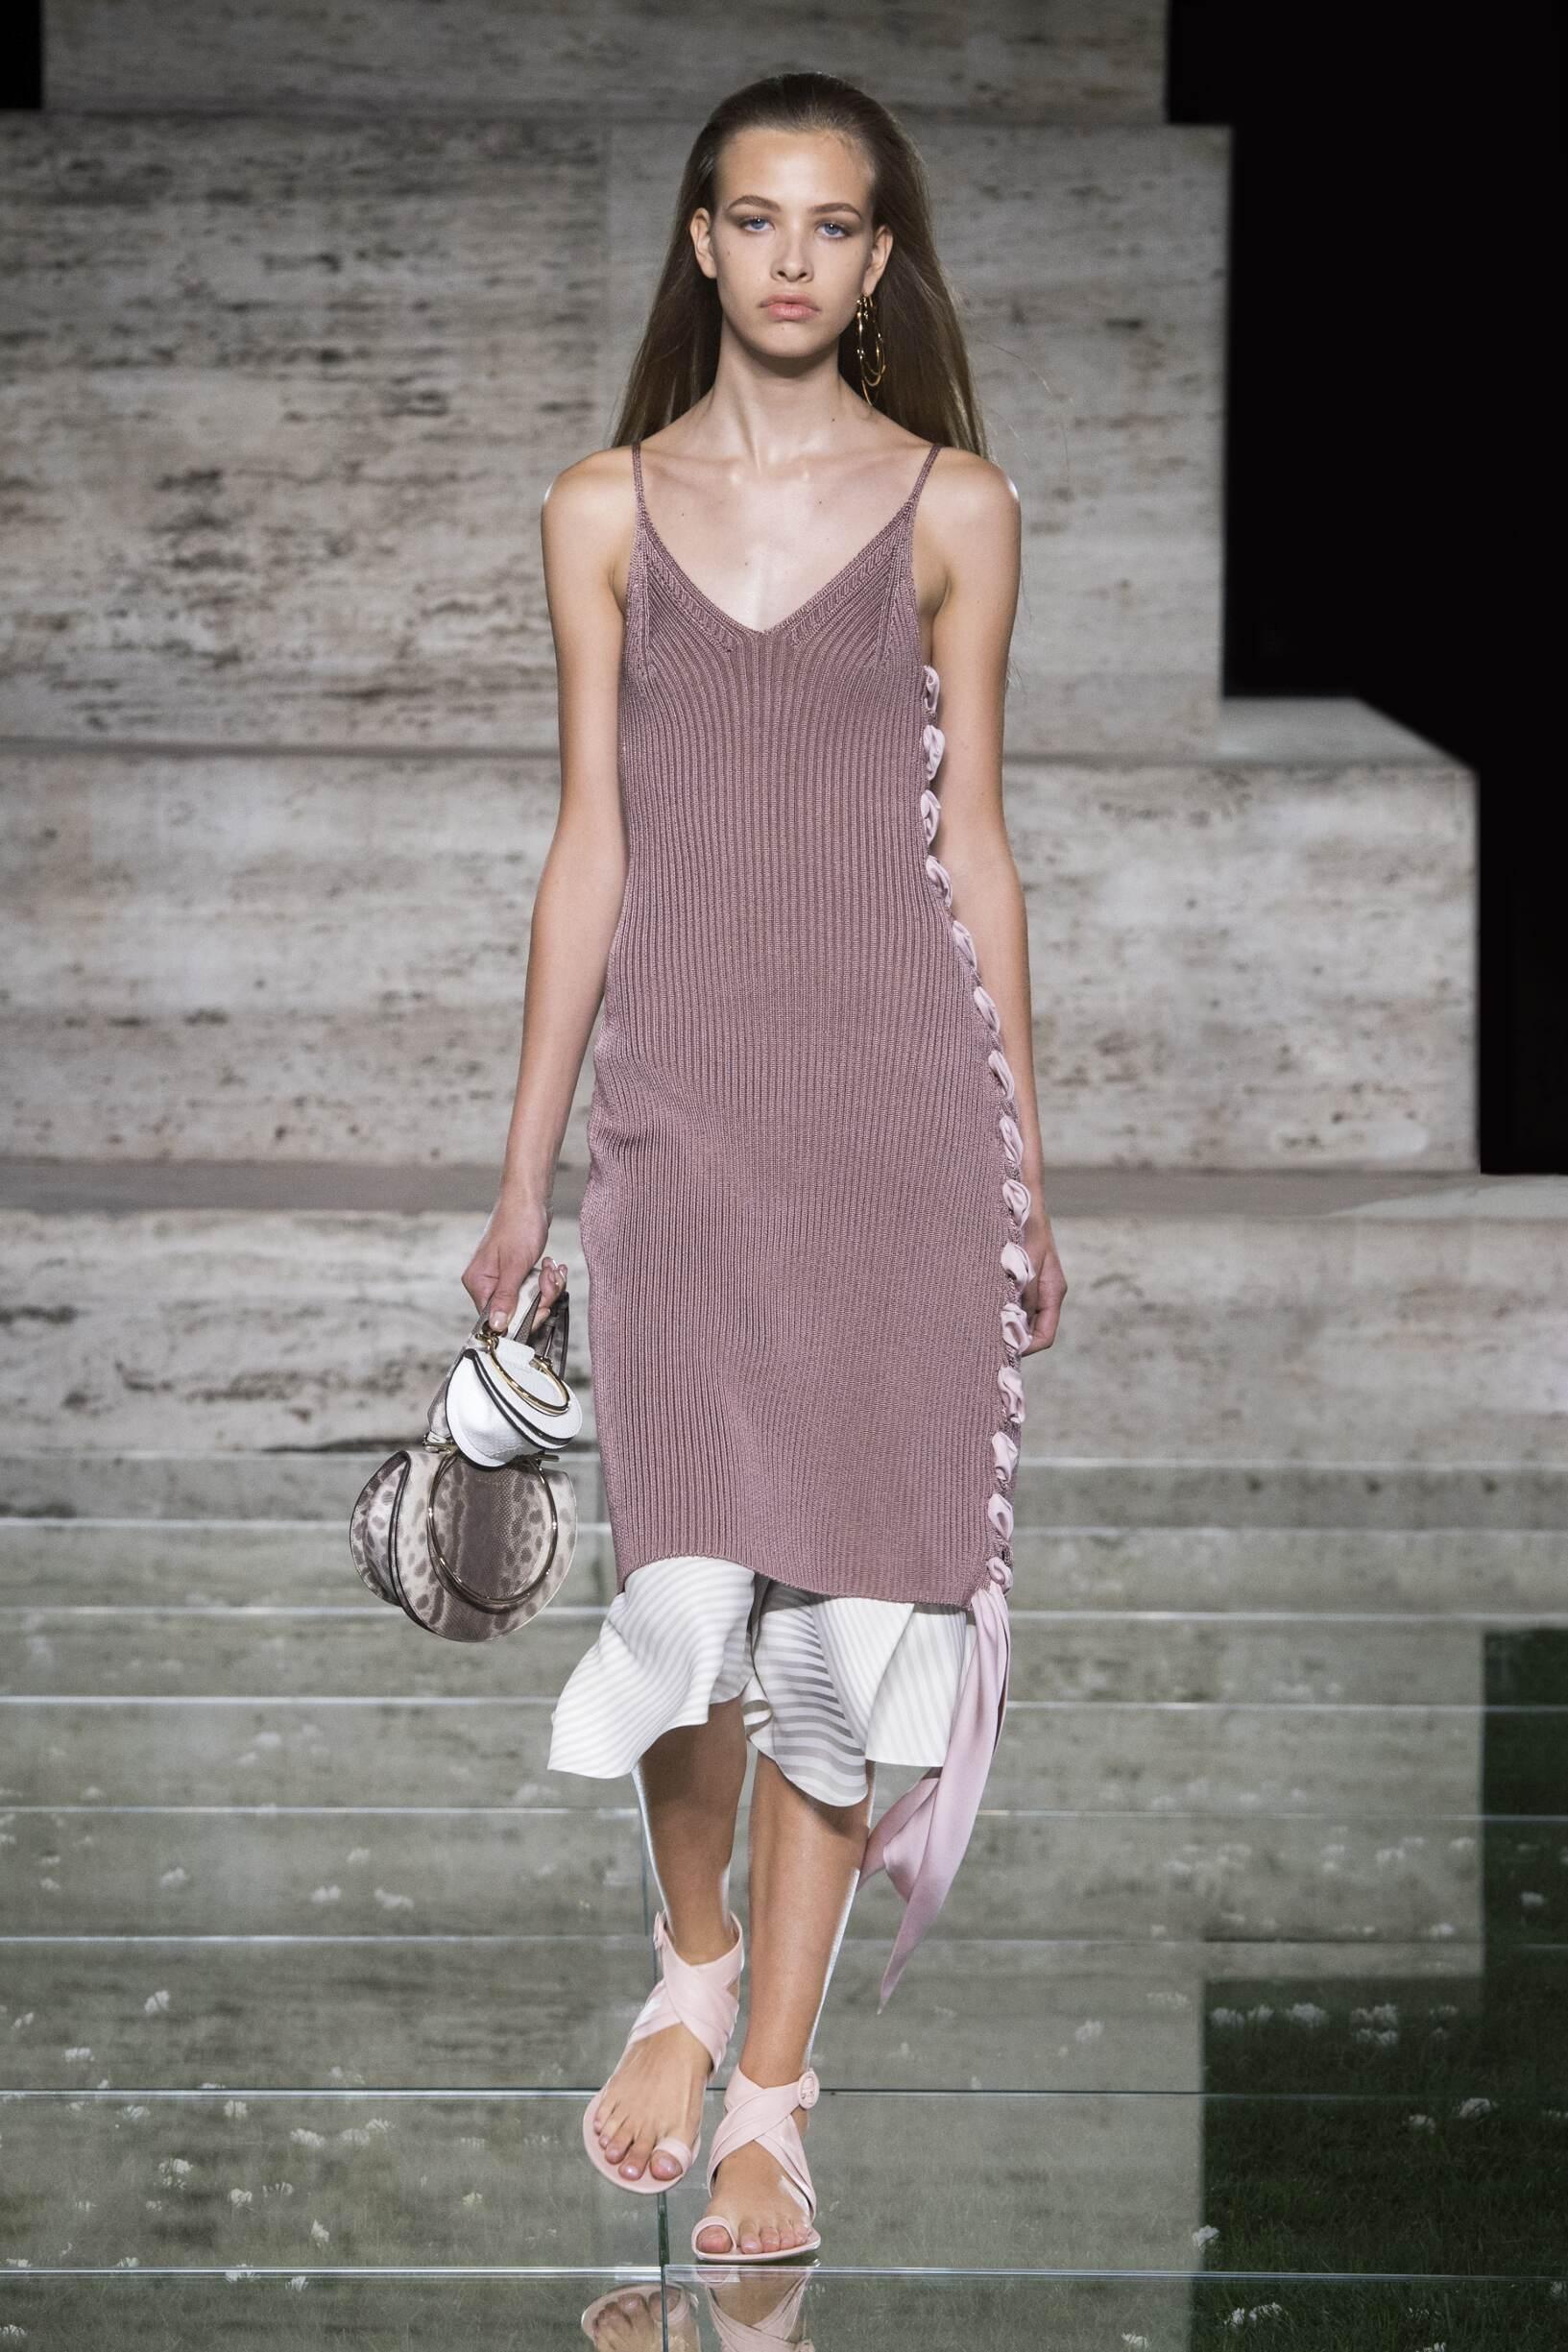 Salvatore Ferragamo весна лето 2018 трикотажное платье